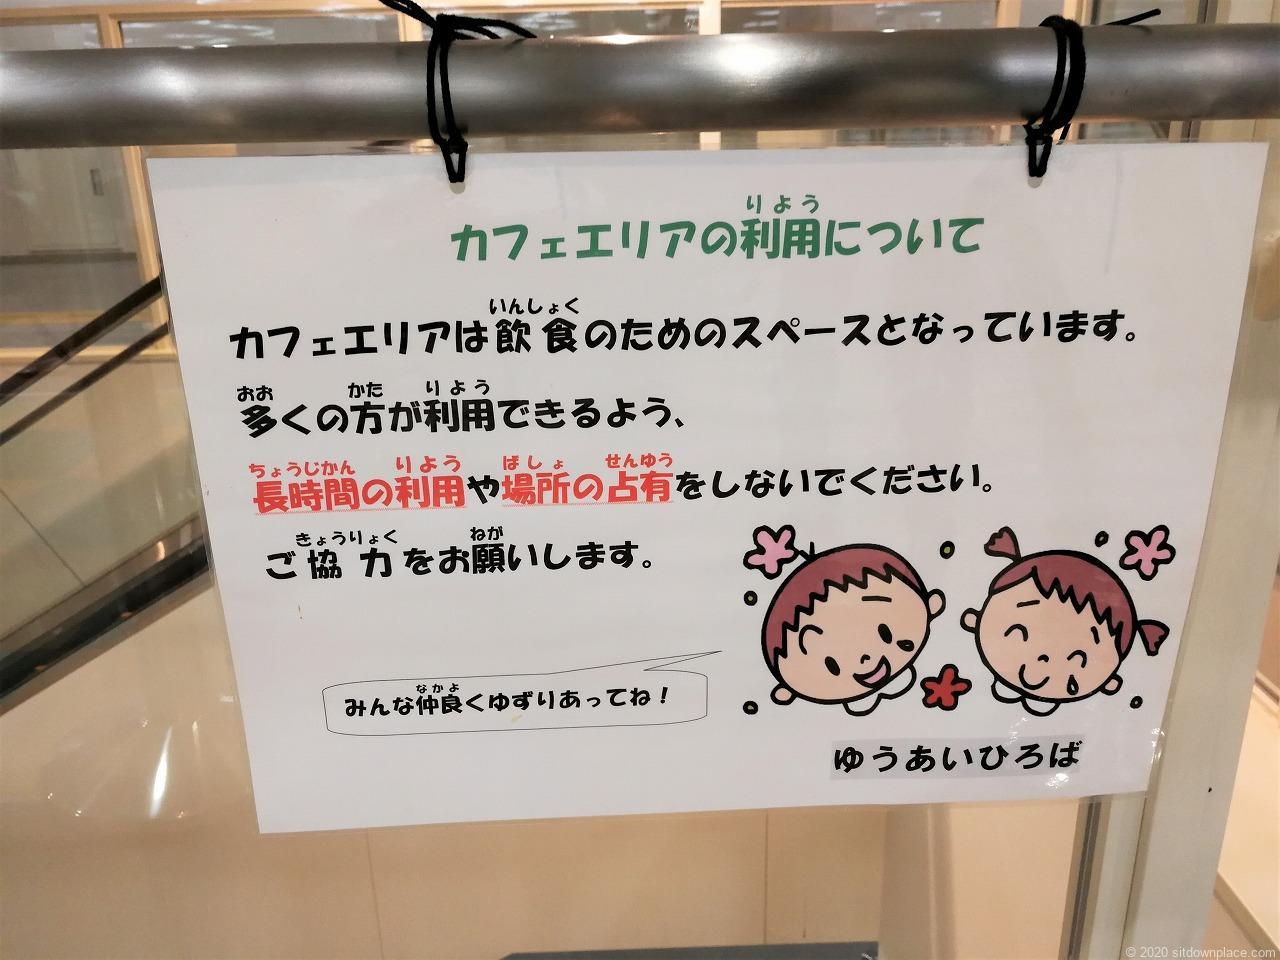 東武宇都宮駅 表参道スクエア6Fカフェエリアのお知らせ